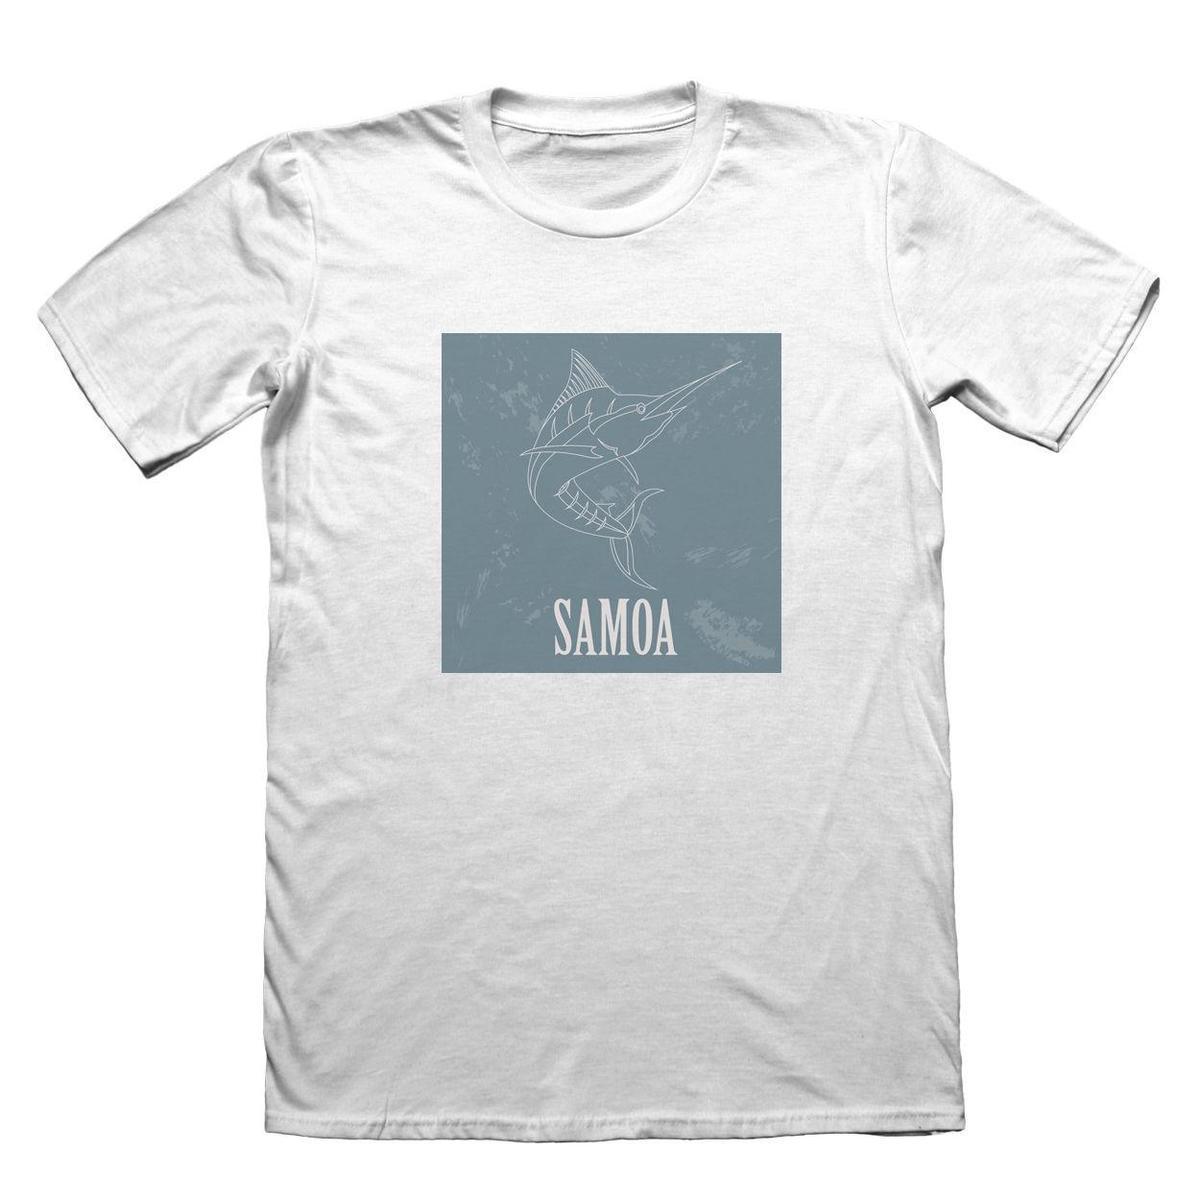 Samoan Men Clothing Design Topsimages